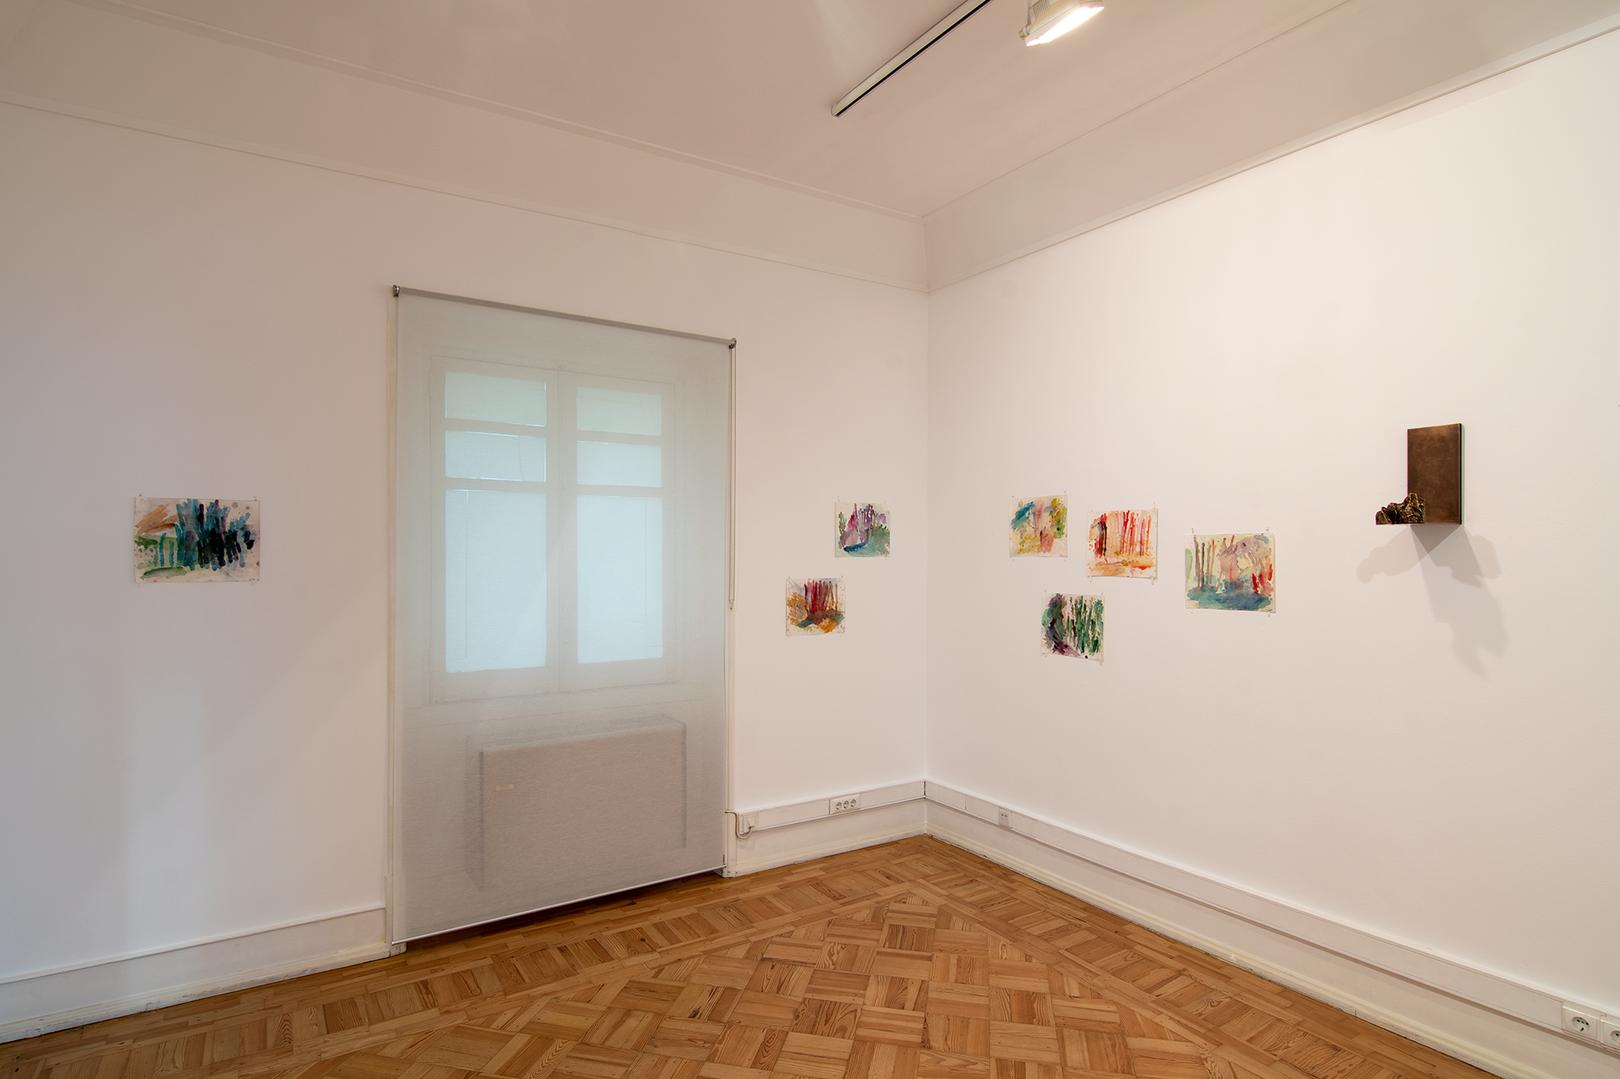 Vista da sala com Paulo Brighenti e Cristina Ataíde